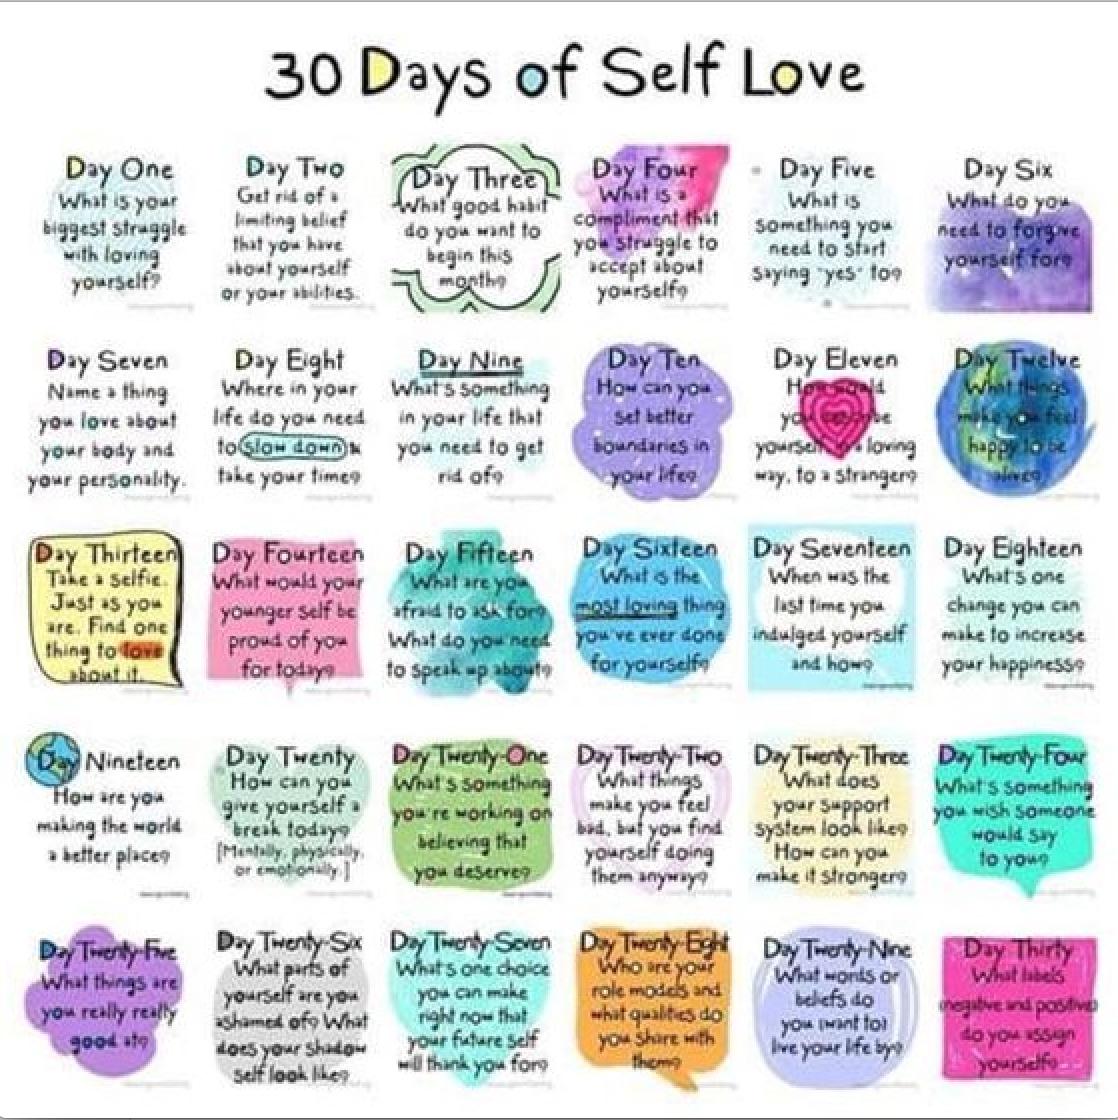 Pin on Self Care/Self Love